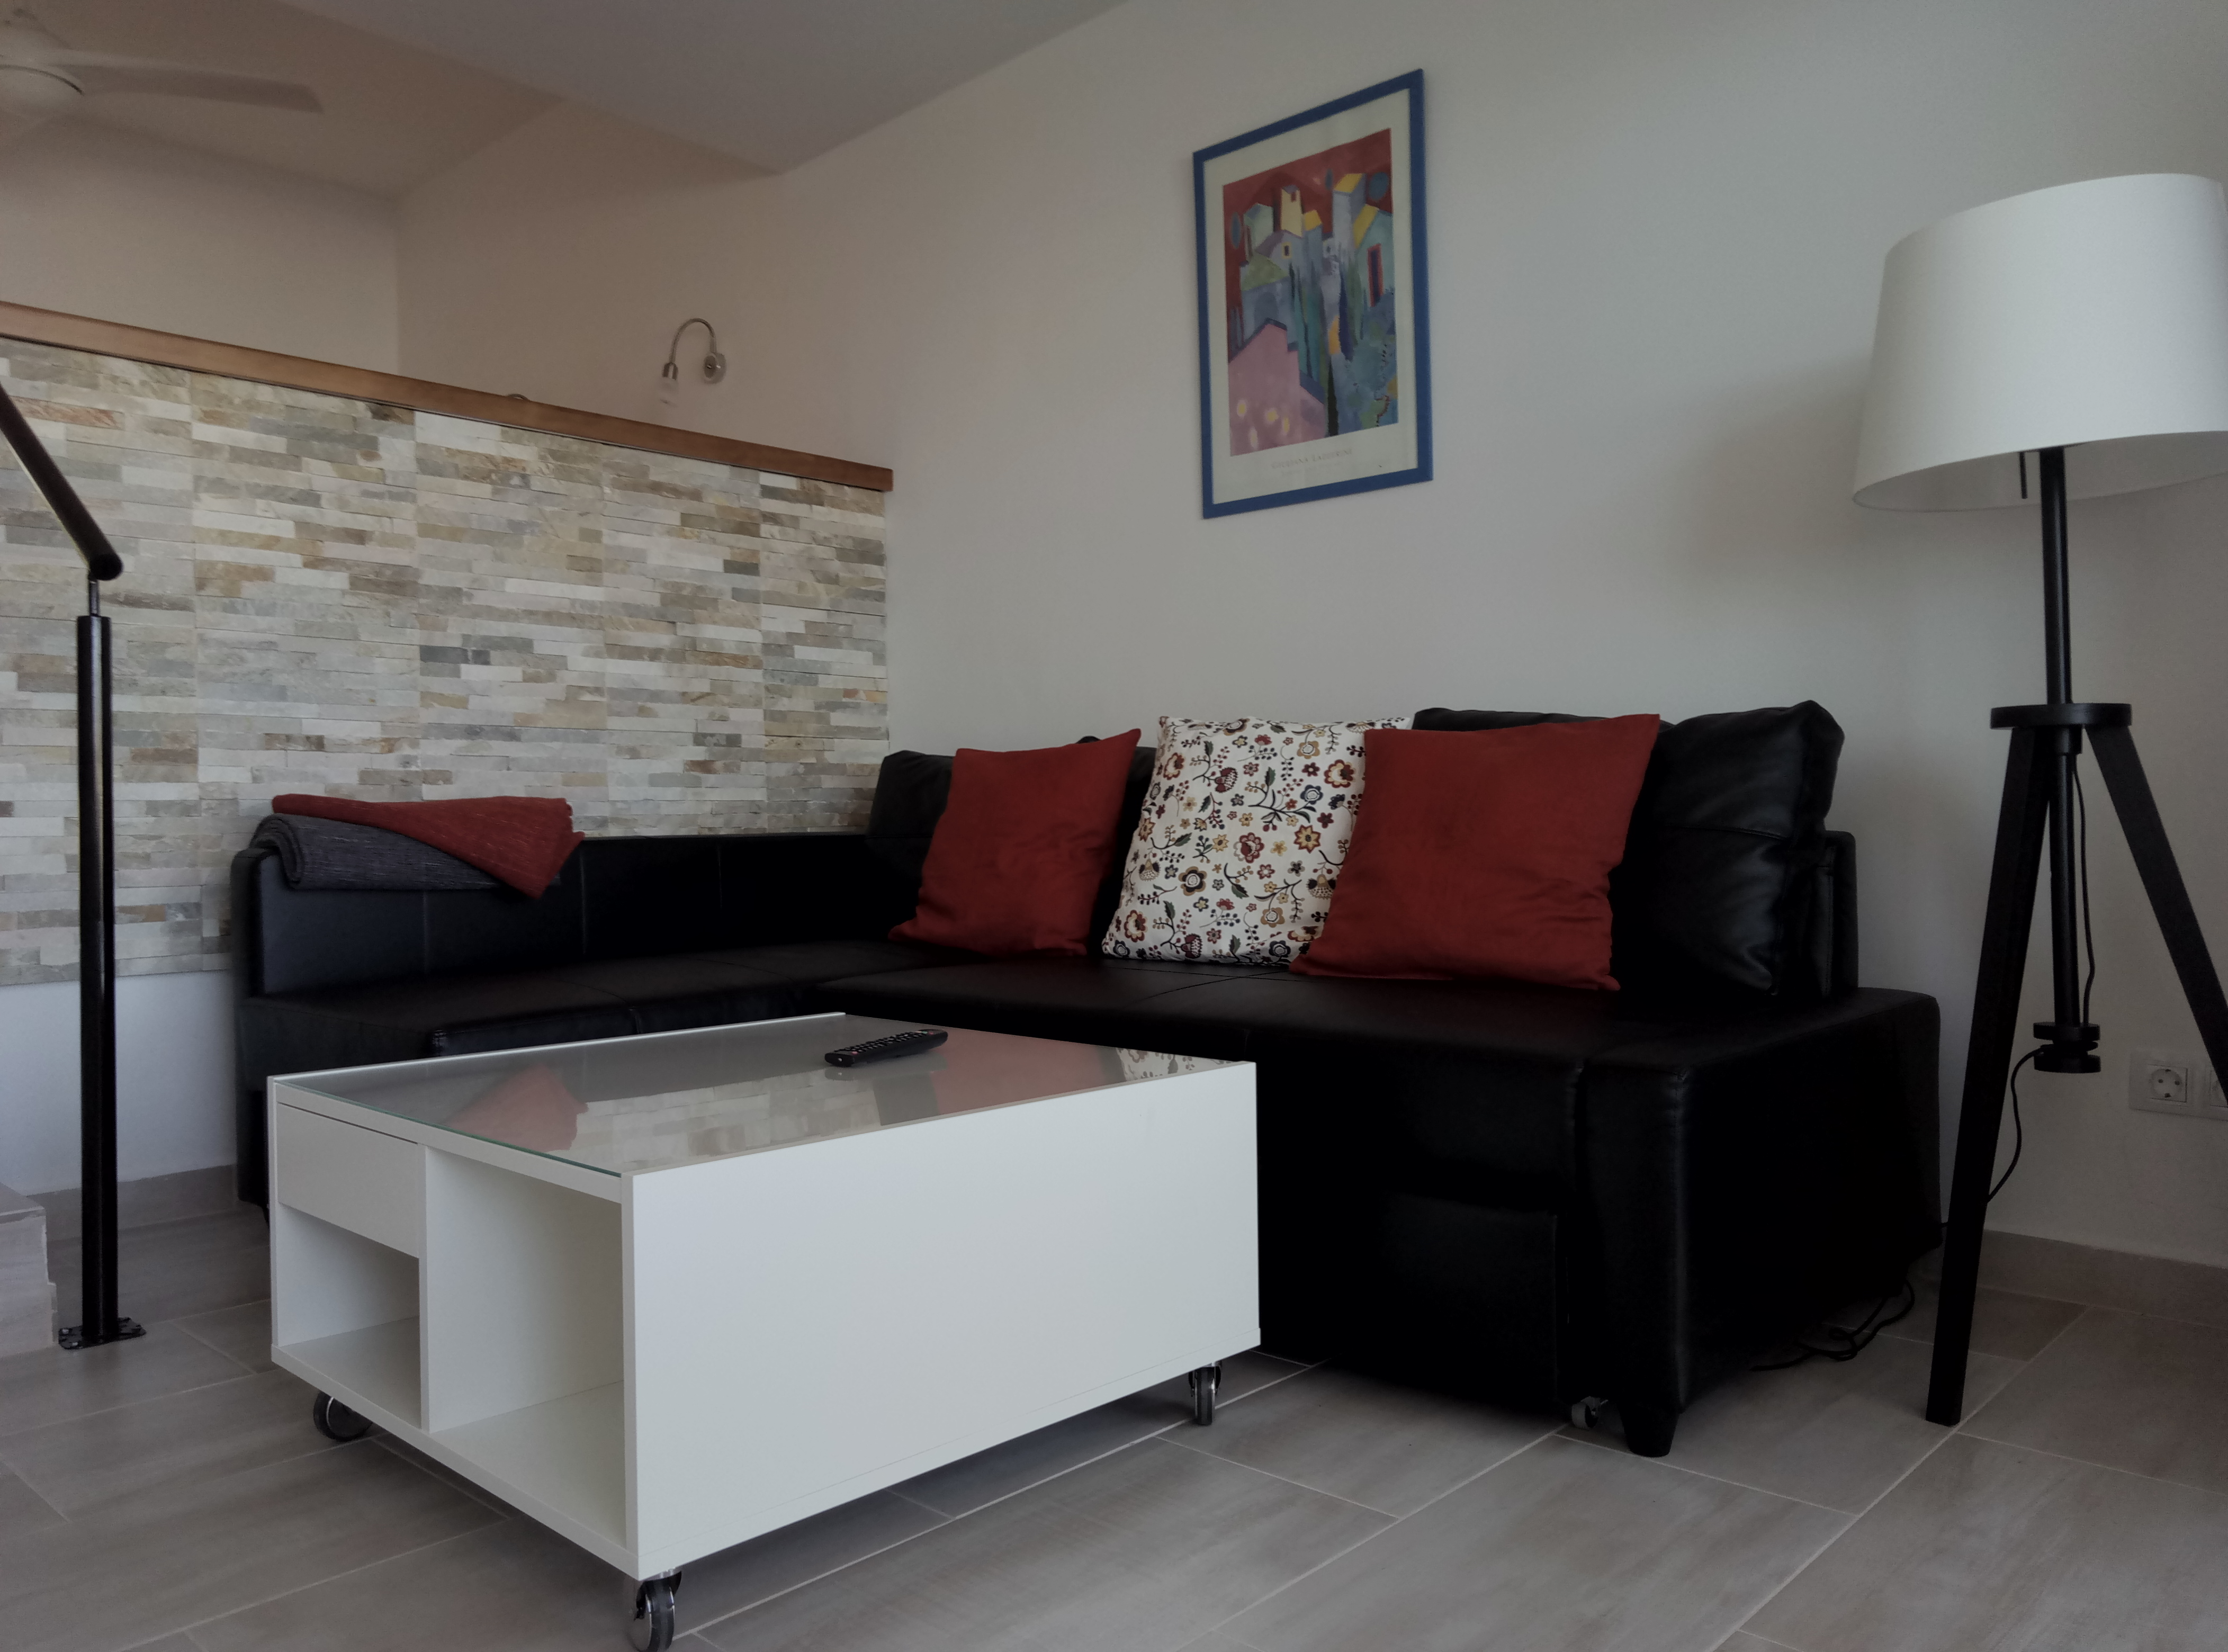 Studio Apartment in Puerto Plata – Puerto Rico